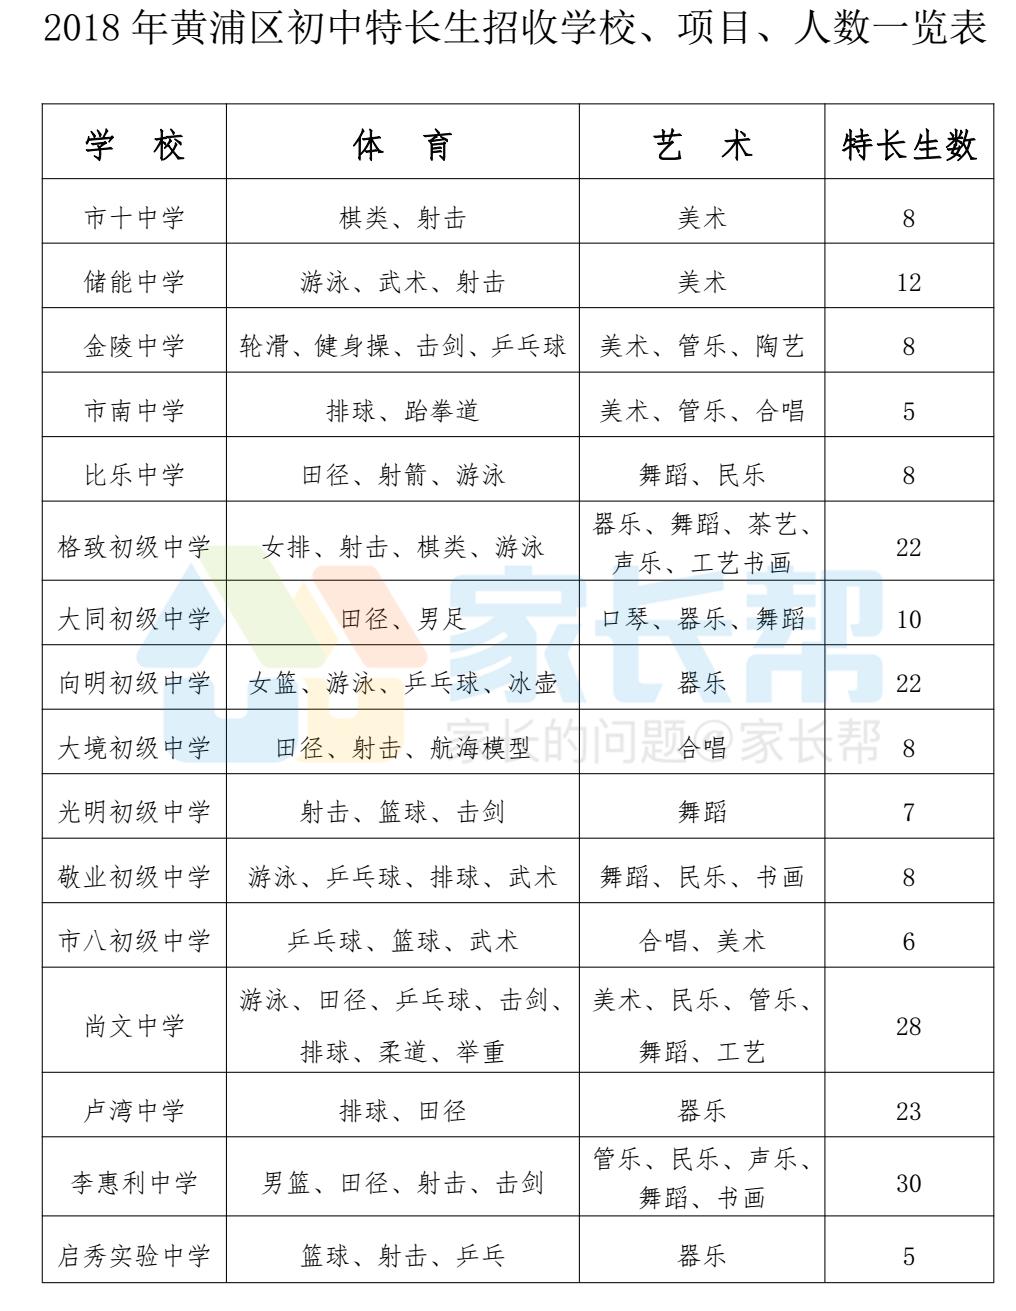 2018年上海市黄浦区【特长生招生】项目及计划